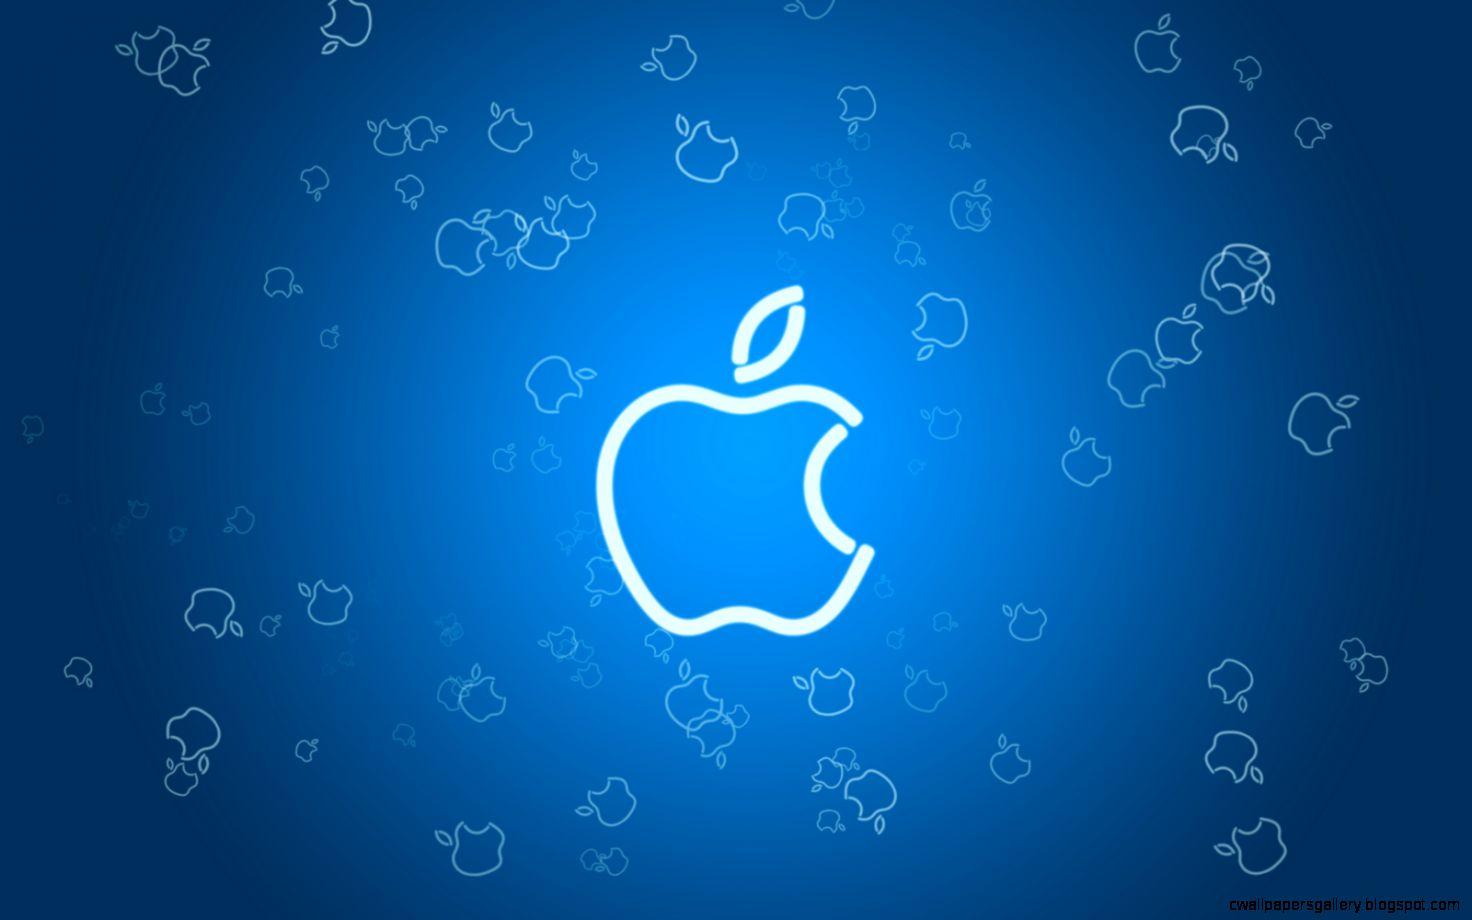 Wallpaper Hd Widescreen Apple